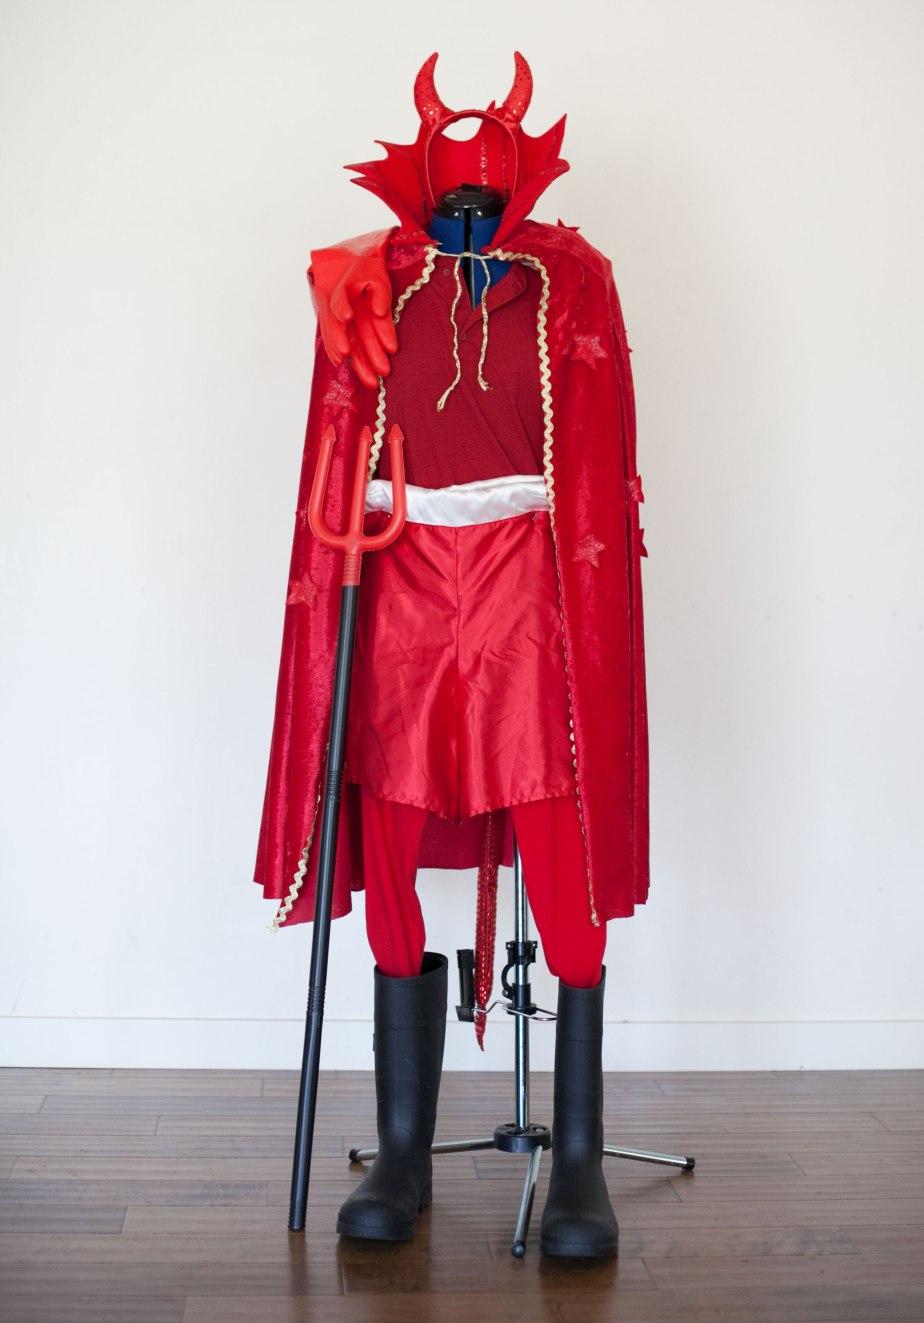 hocus_pocus_master_costume_2